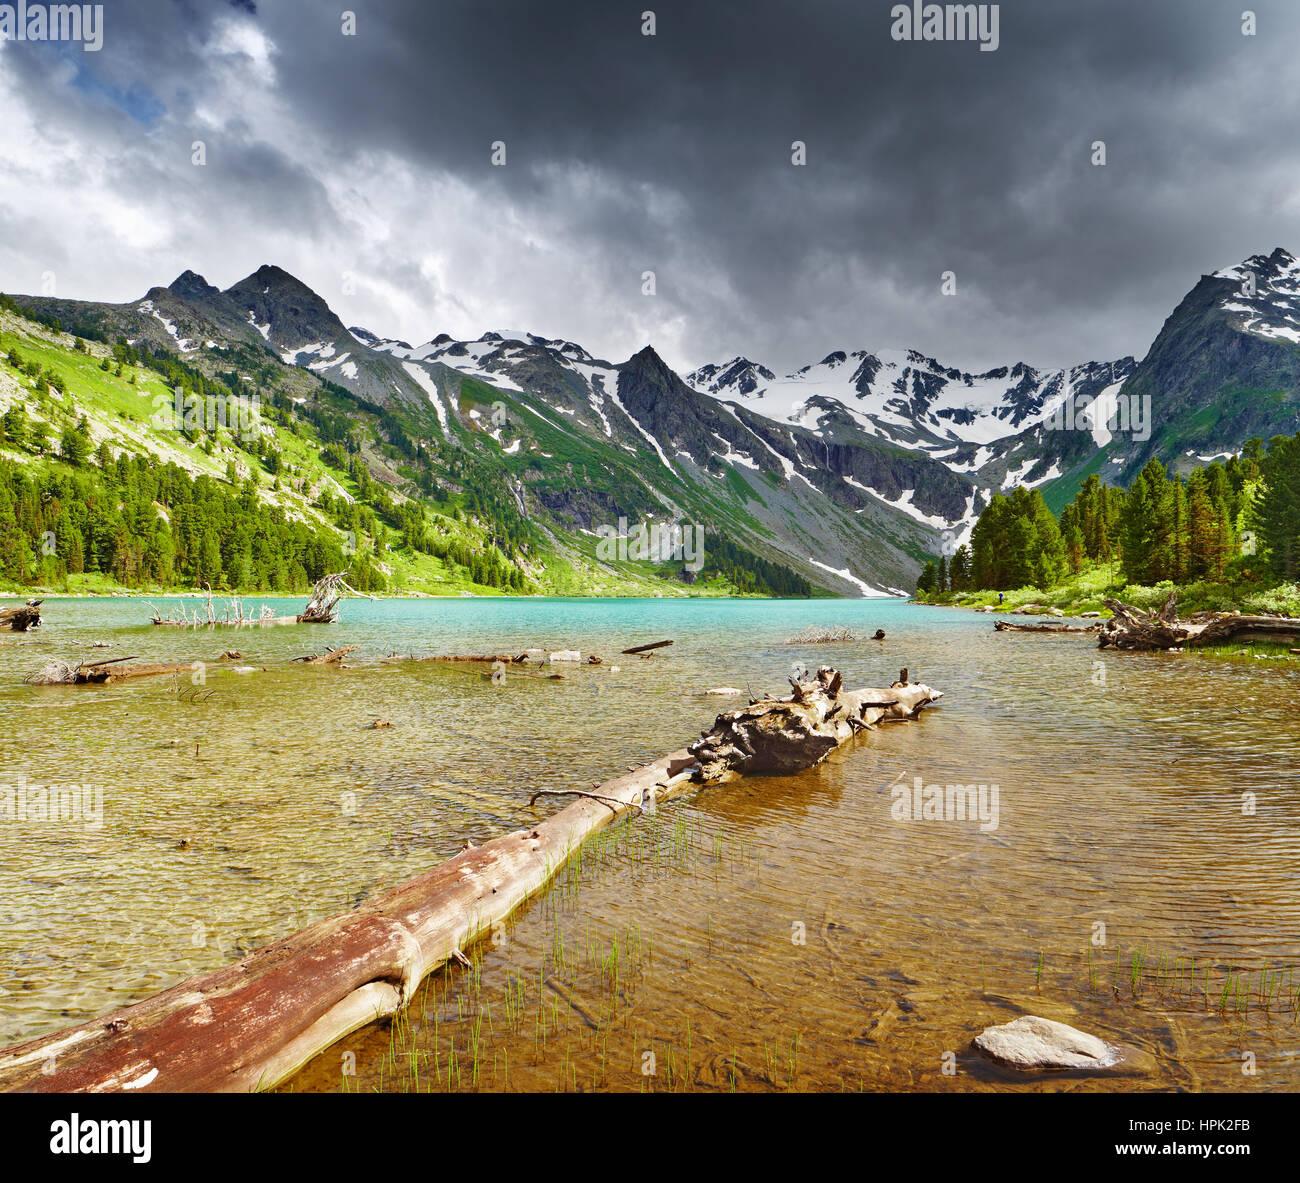 Mountain Lake, montañas de Altai, Rusia Imagen De Stock